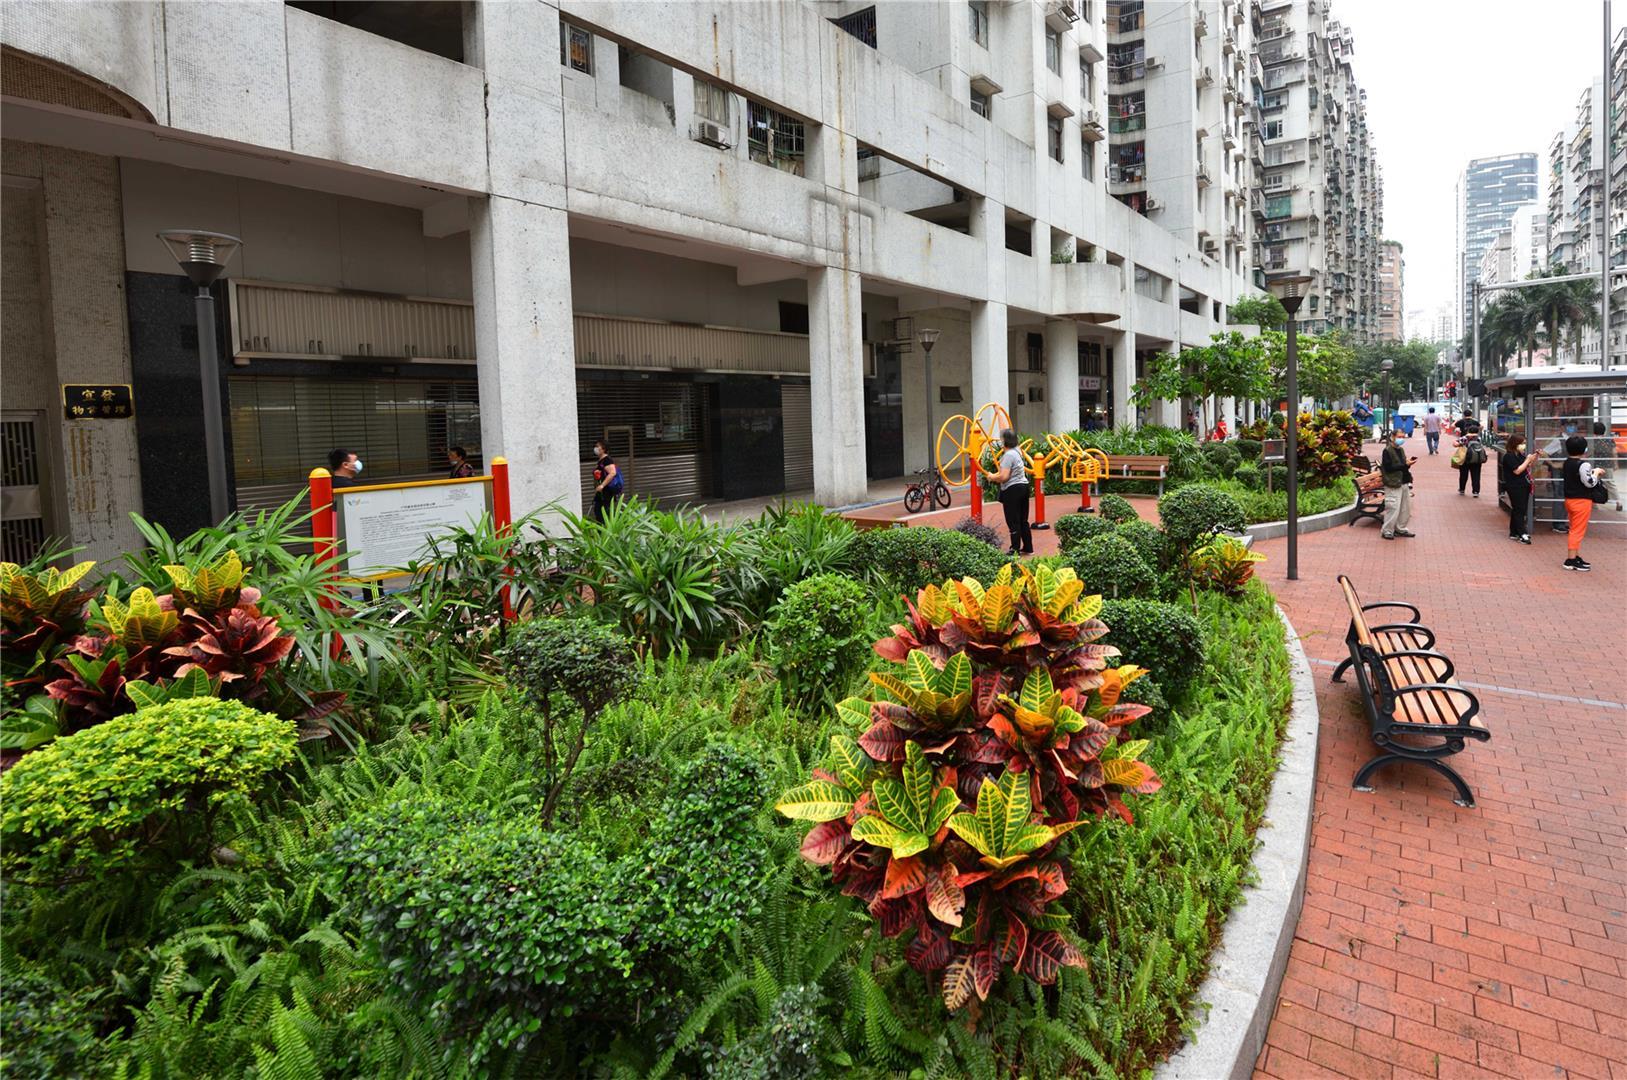 Leisure Area in Avenida do Nordeste